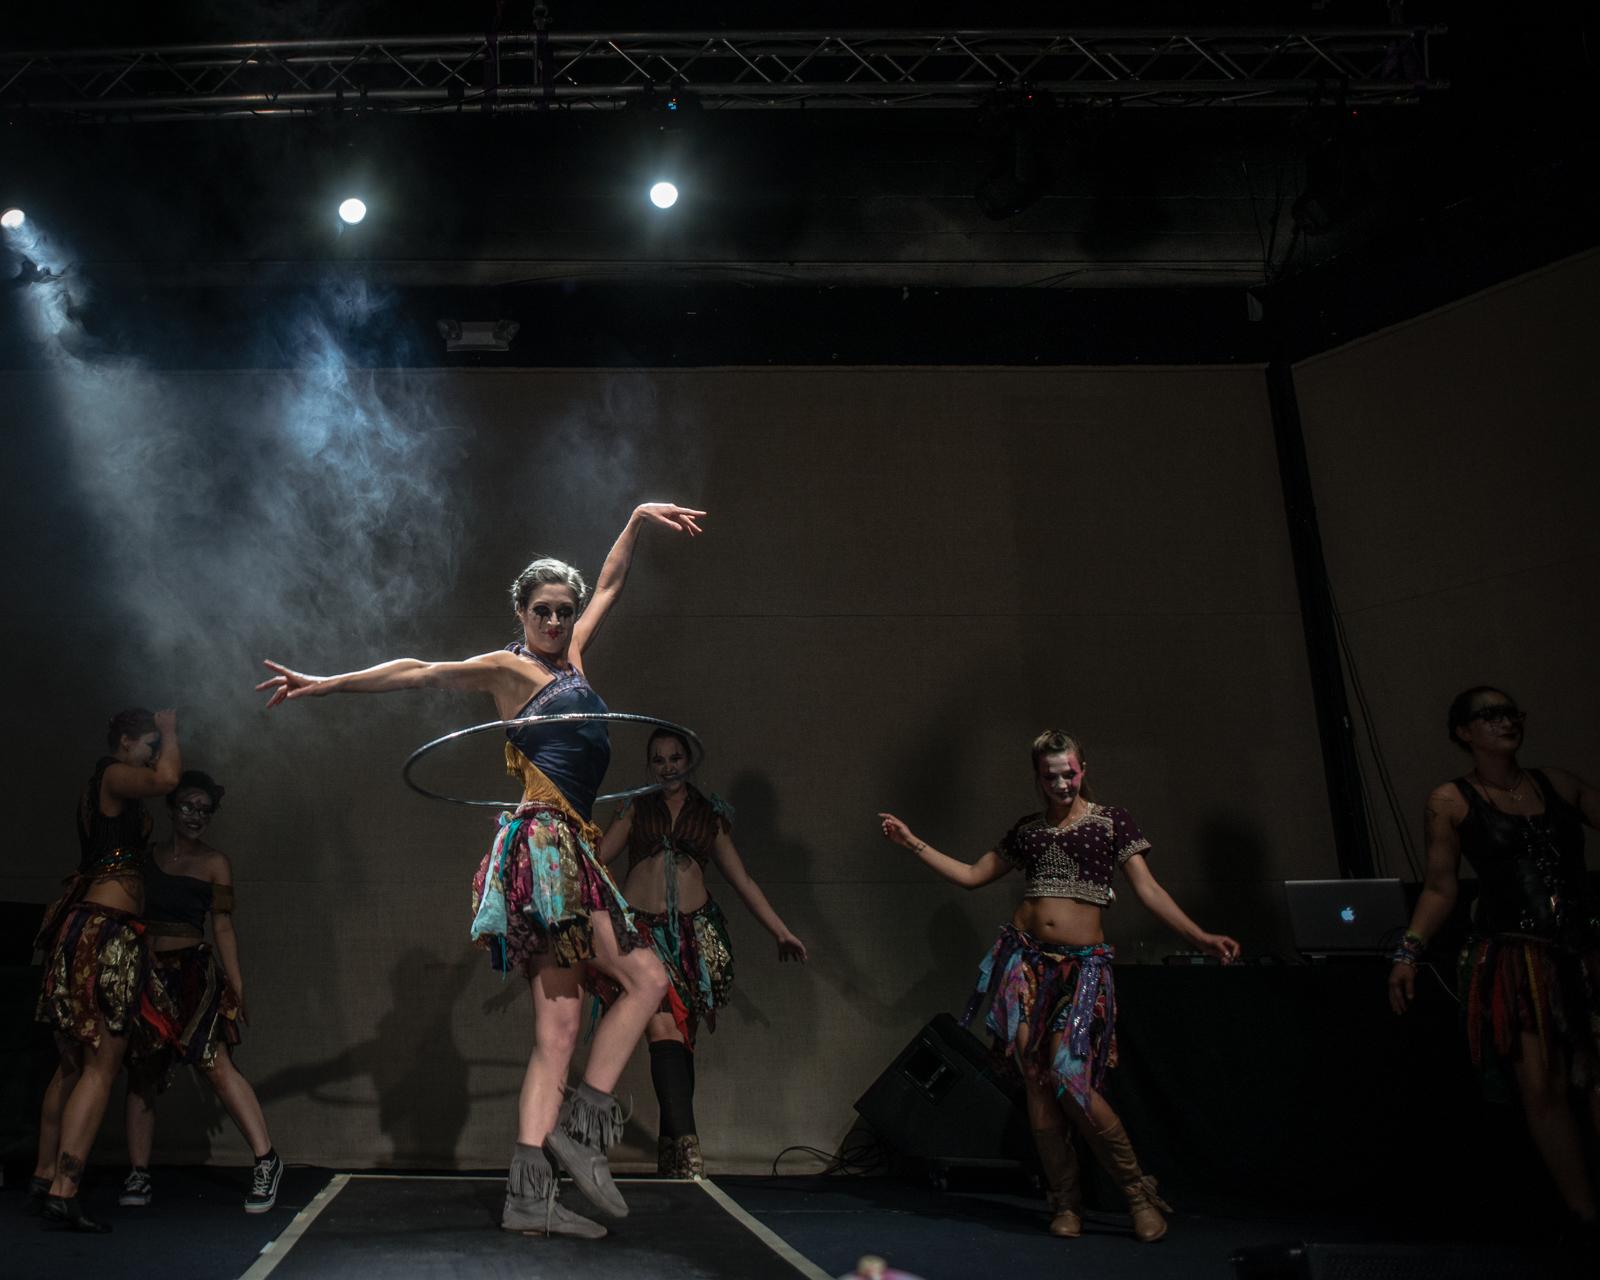 dancer/model: April Shamel